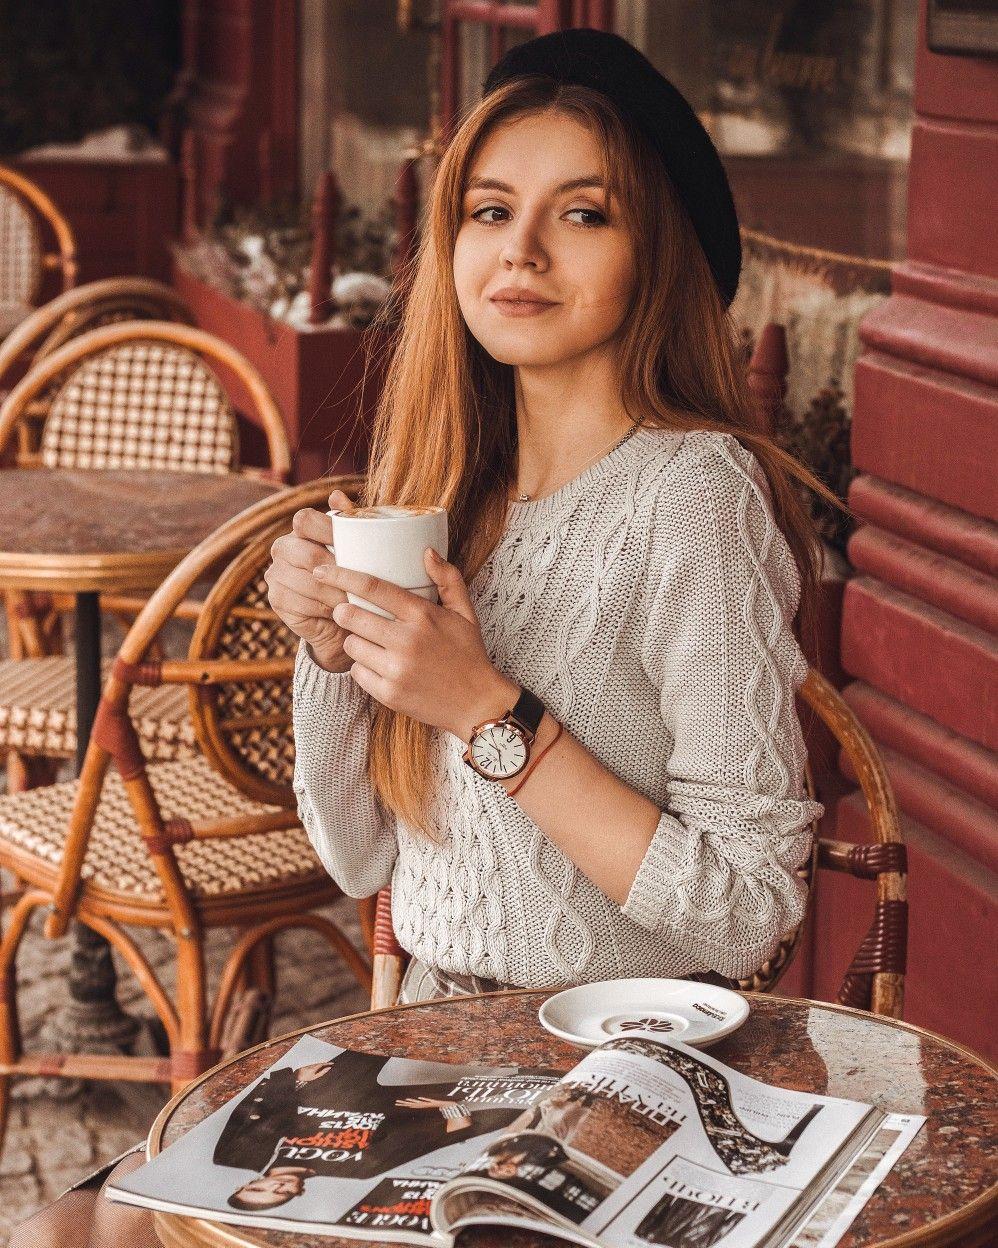 позы для фотографий в ресторане своей